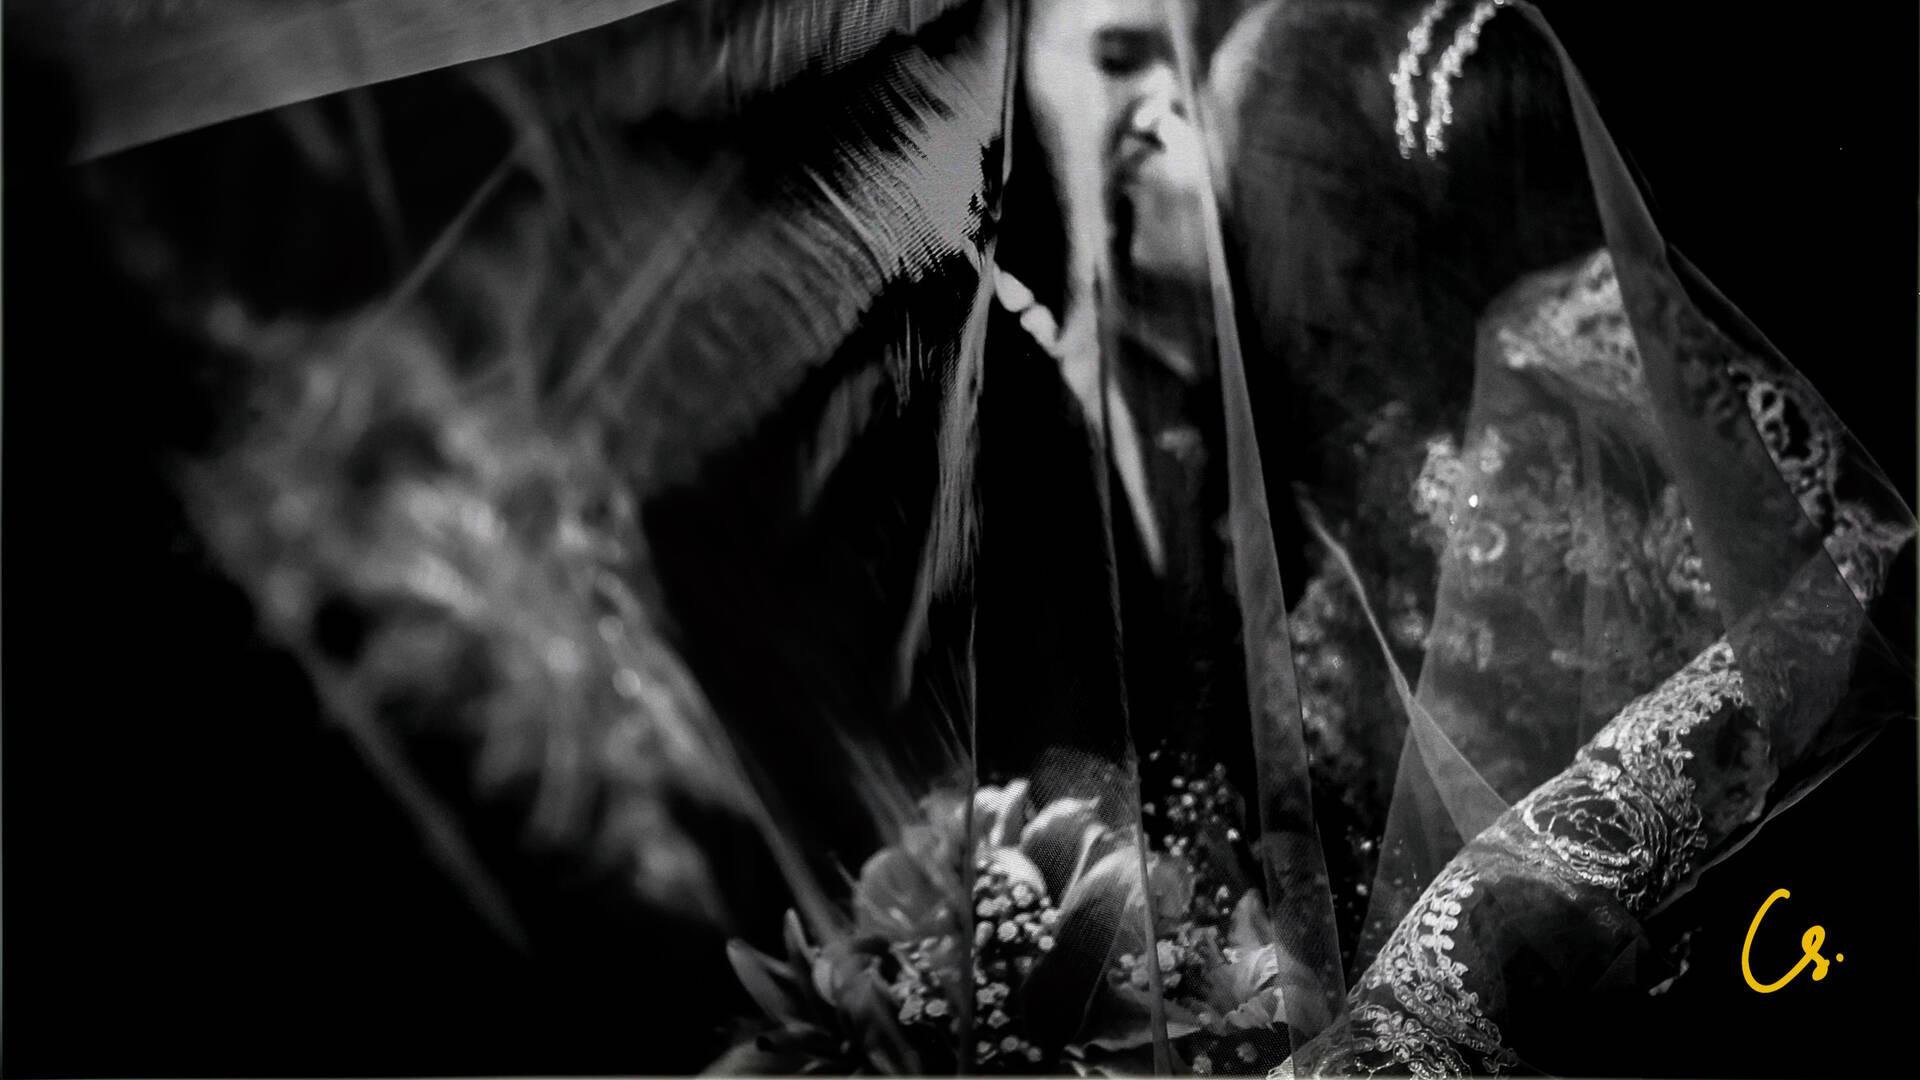 fotógrafo de pessoas  de FANTÁSTICAS